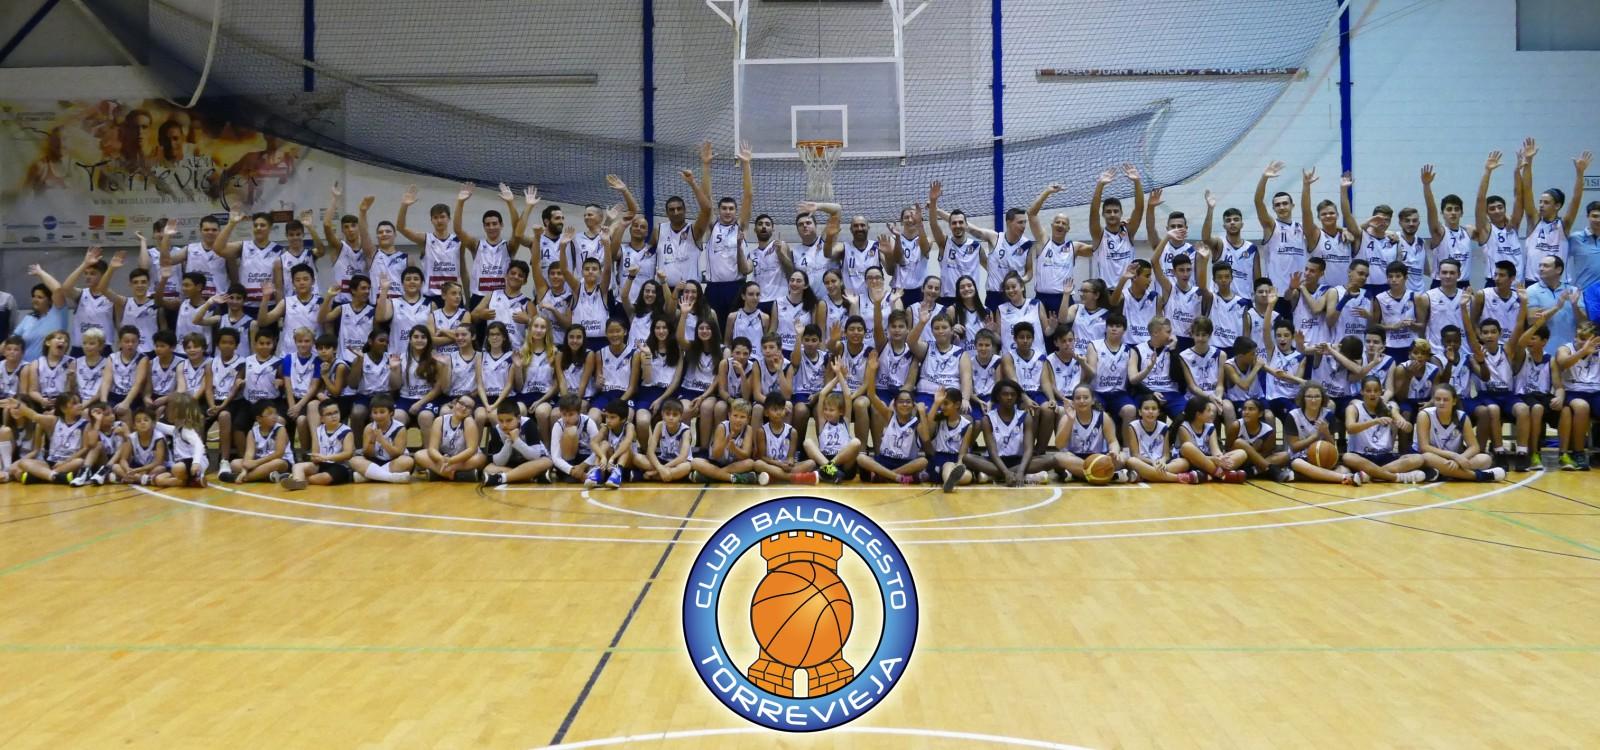 presentacion-cb-torrevieja-16-17